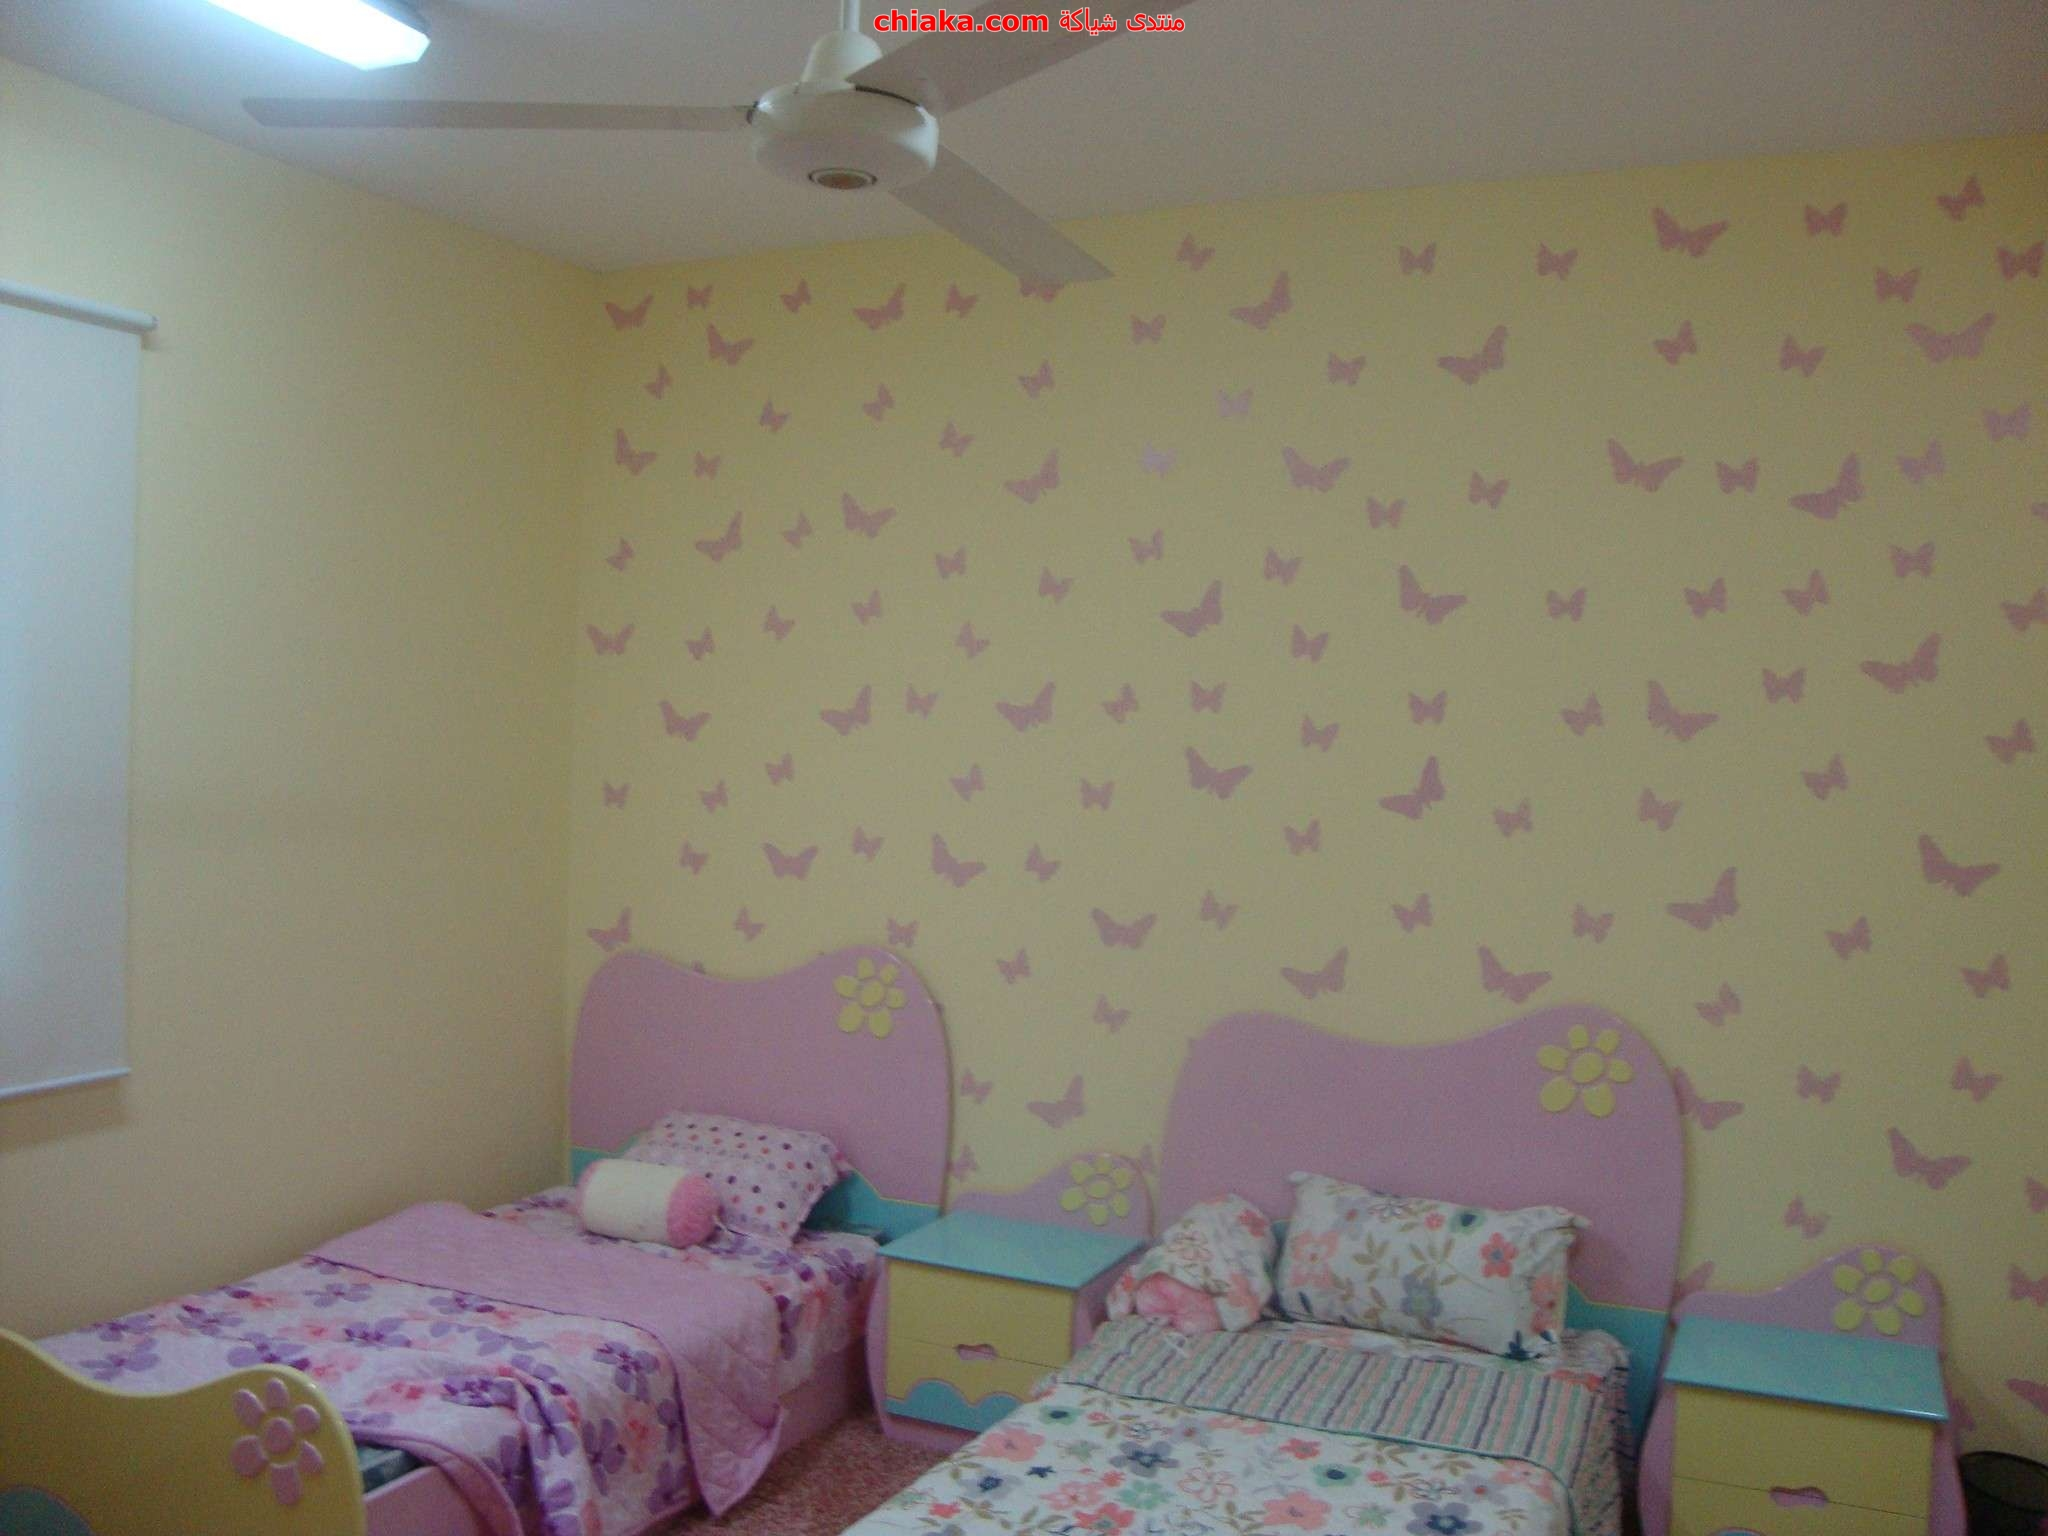 دهانات للجدران  Imgae1252708d02bf1b1eda631f8d9f5d3e